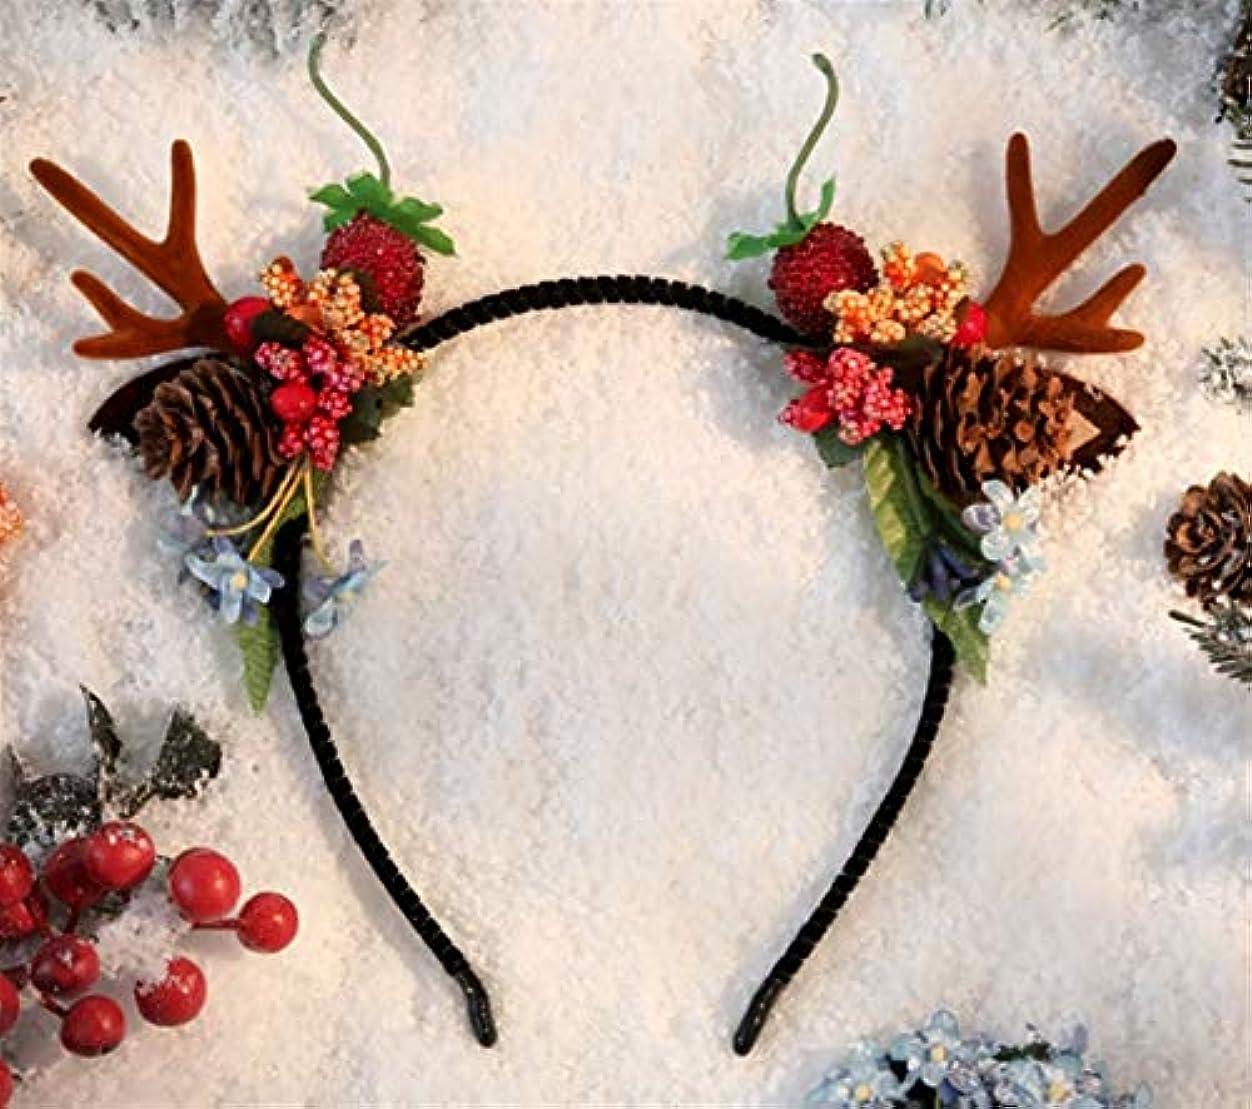 沈黙どちらも聖域クリスマスヘアピン装身具アントラーズ頭飾りセンエルフスーパー妖精のヘッドバンドクリップヘアアクセサリー大人のヘアピンヘッドバンド (Style : E)